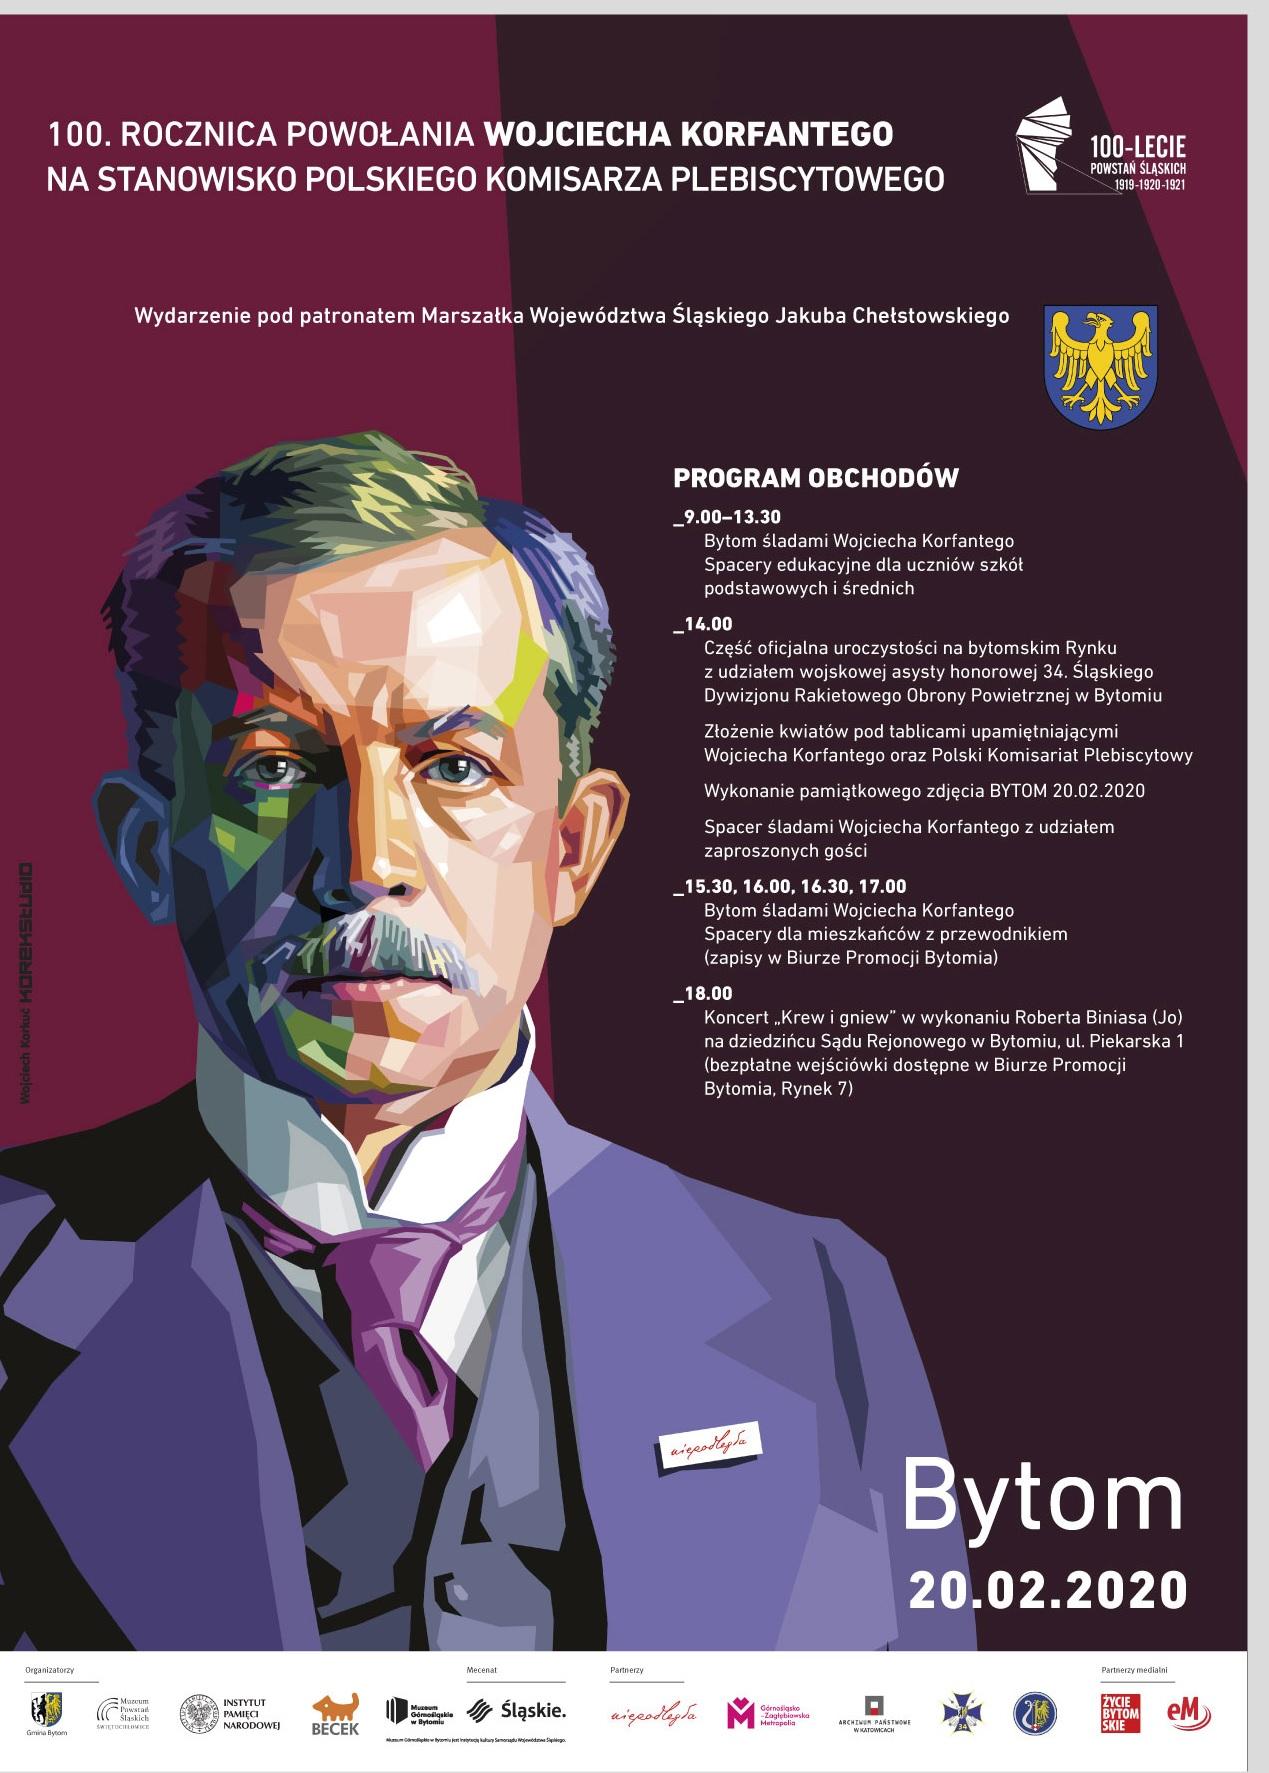 Plakat z programem obchodów 100. rocznicy powołania Wojciecha Korfantego na Polskiego Komisarza Plebiscytowego